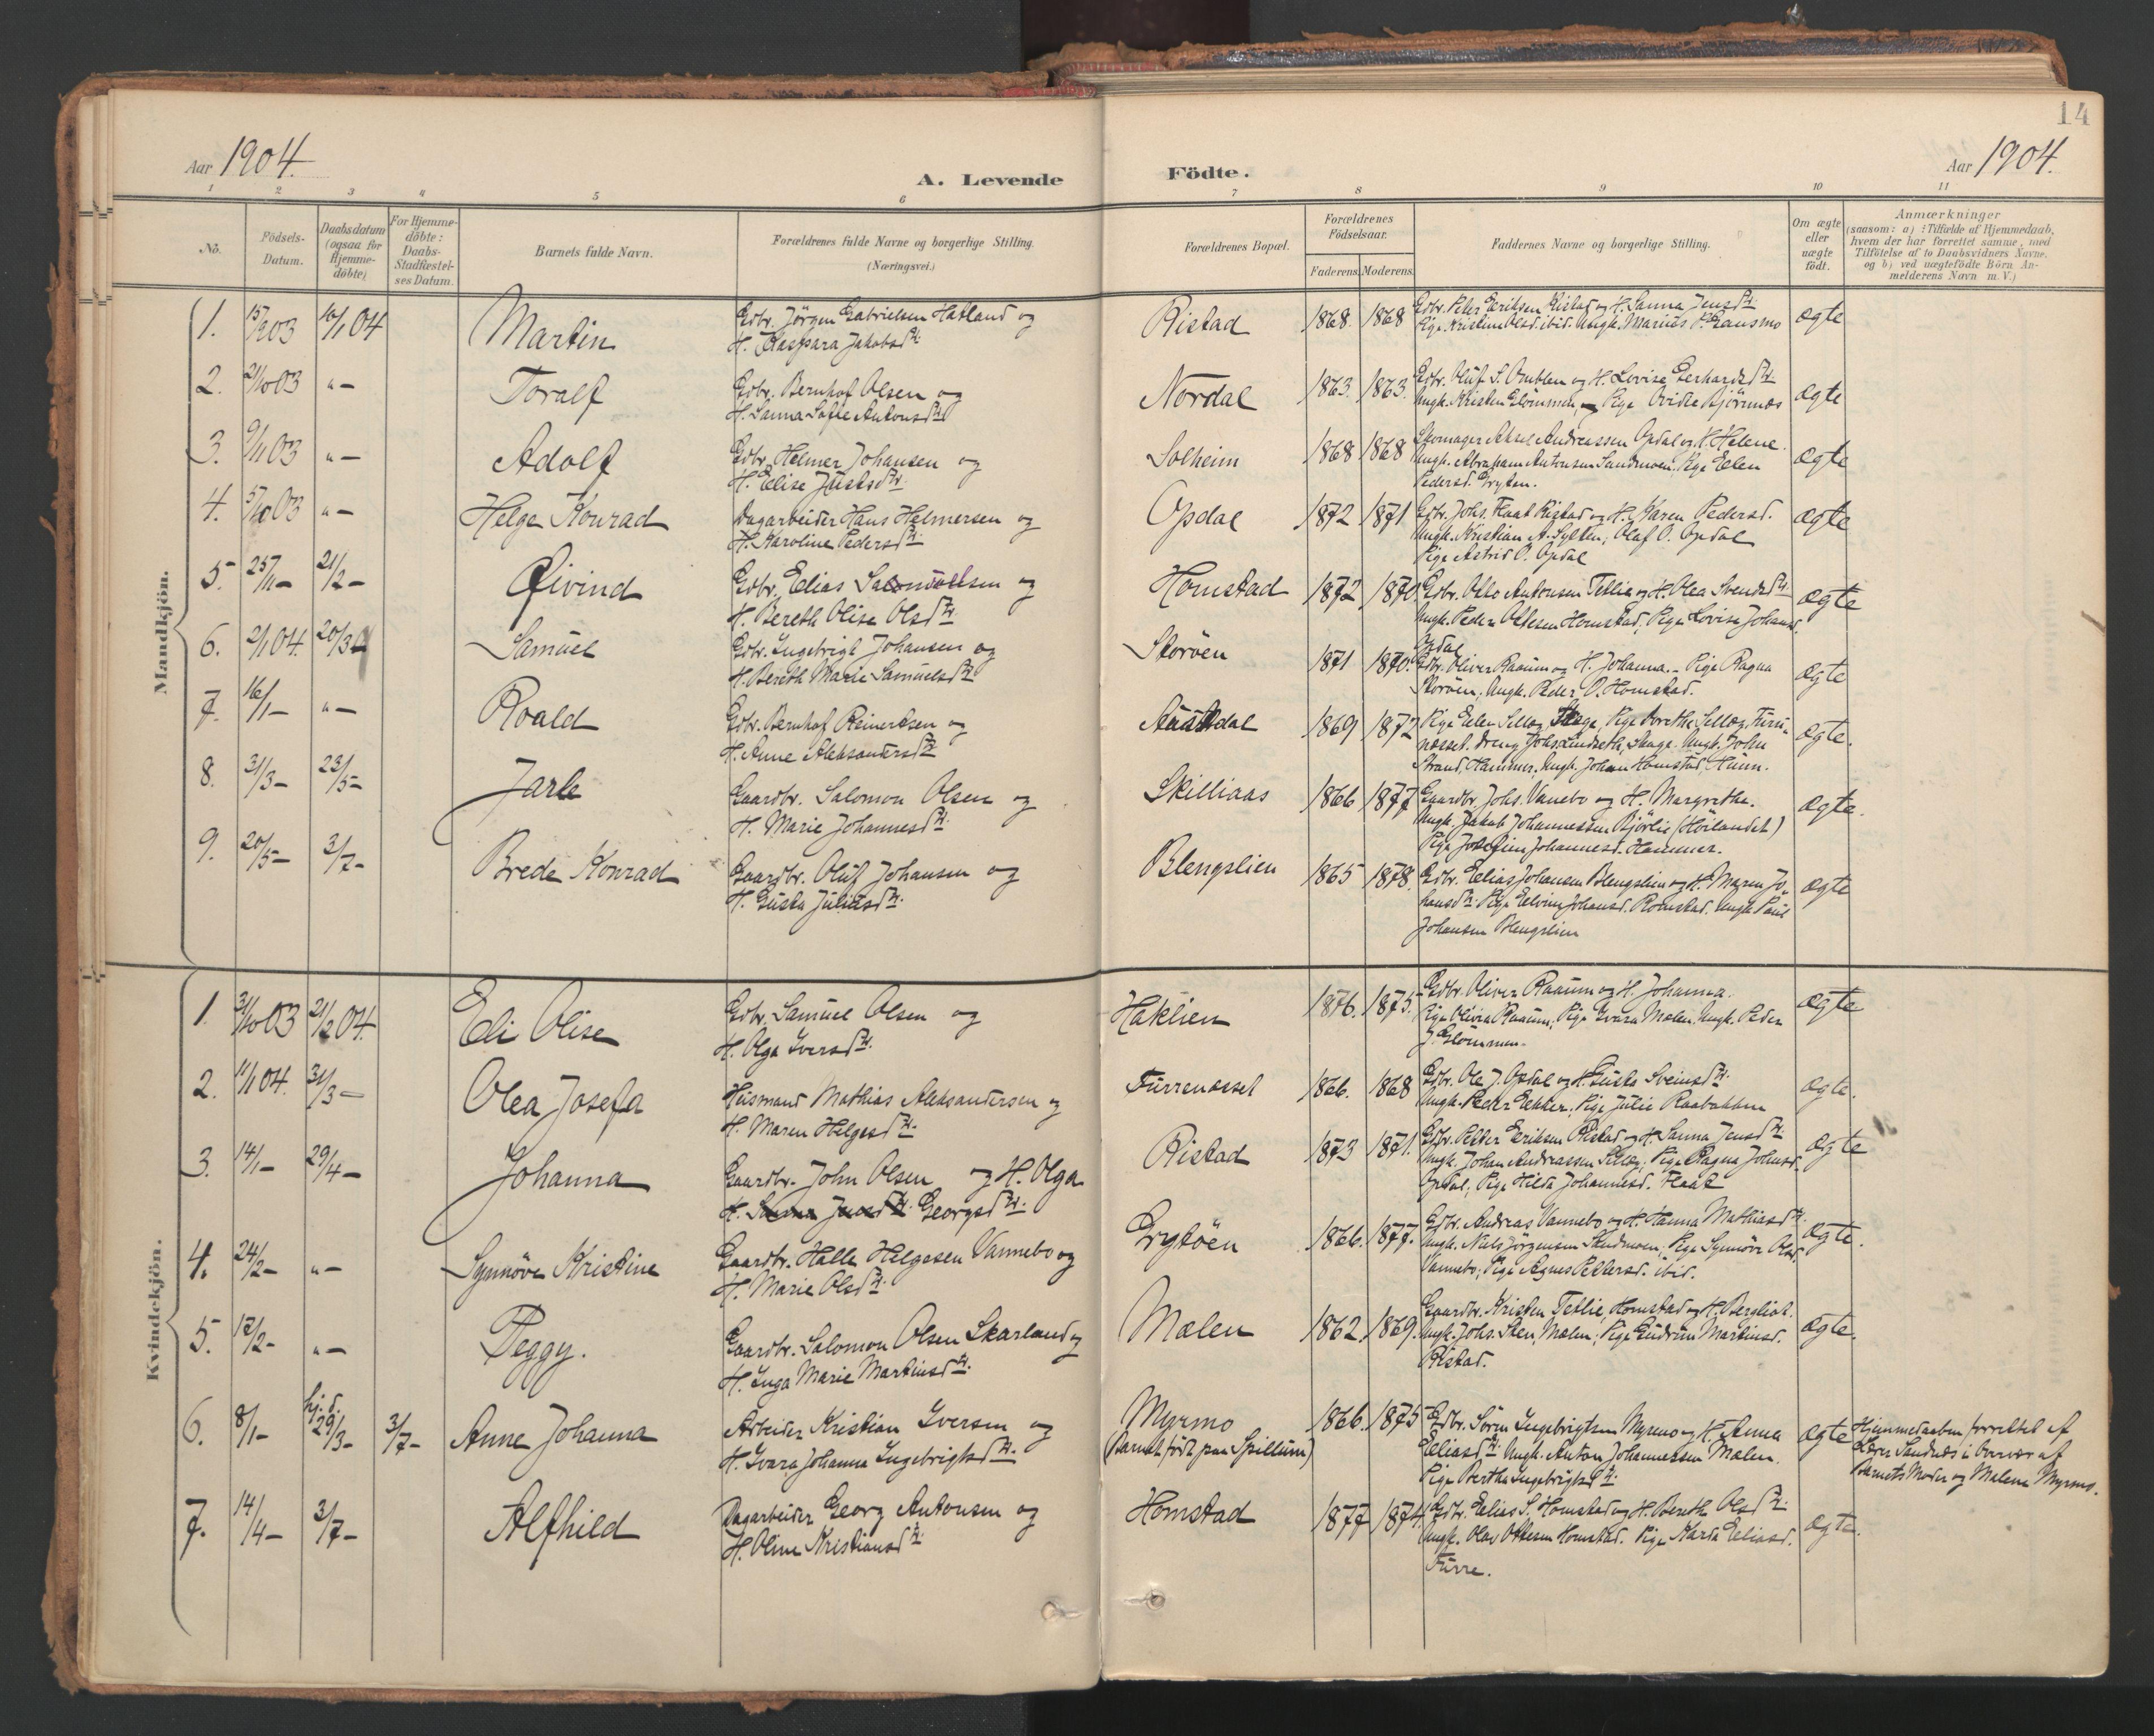 SAT, Ministerialprotokoller, klokkerbøker og fødselsregistre - Nord-Trøndelag, 766/L0564: Ministerialbok nr. 767A02, 1900-1932, s. 14